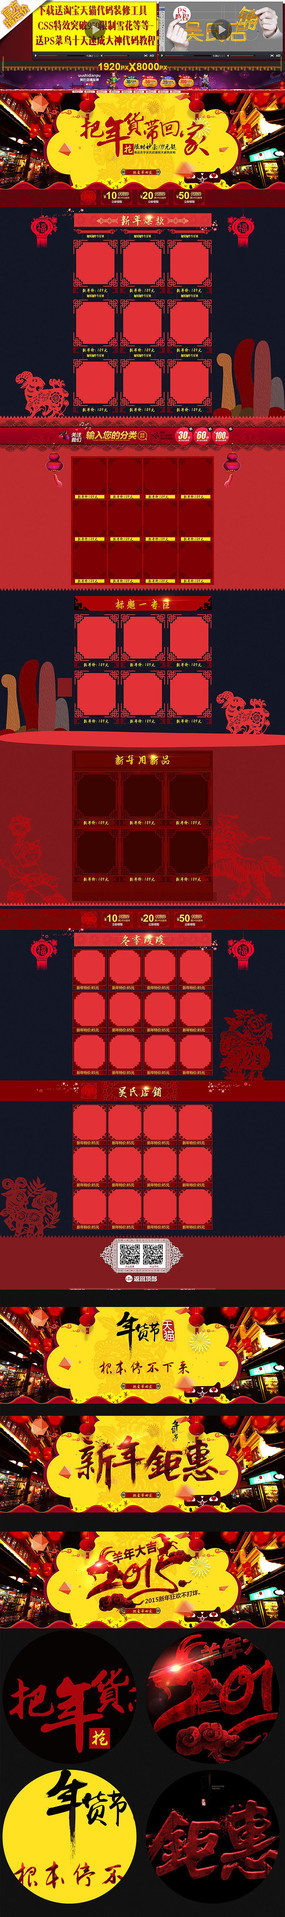 淘宝天猫年货节店铺首页设计PSD模板 PSD